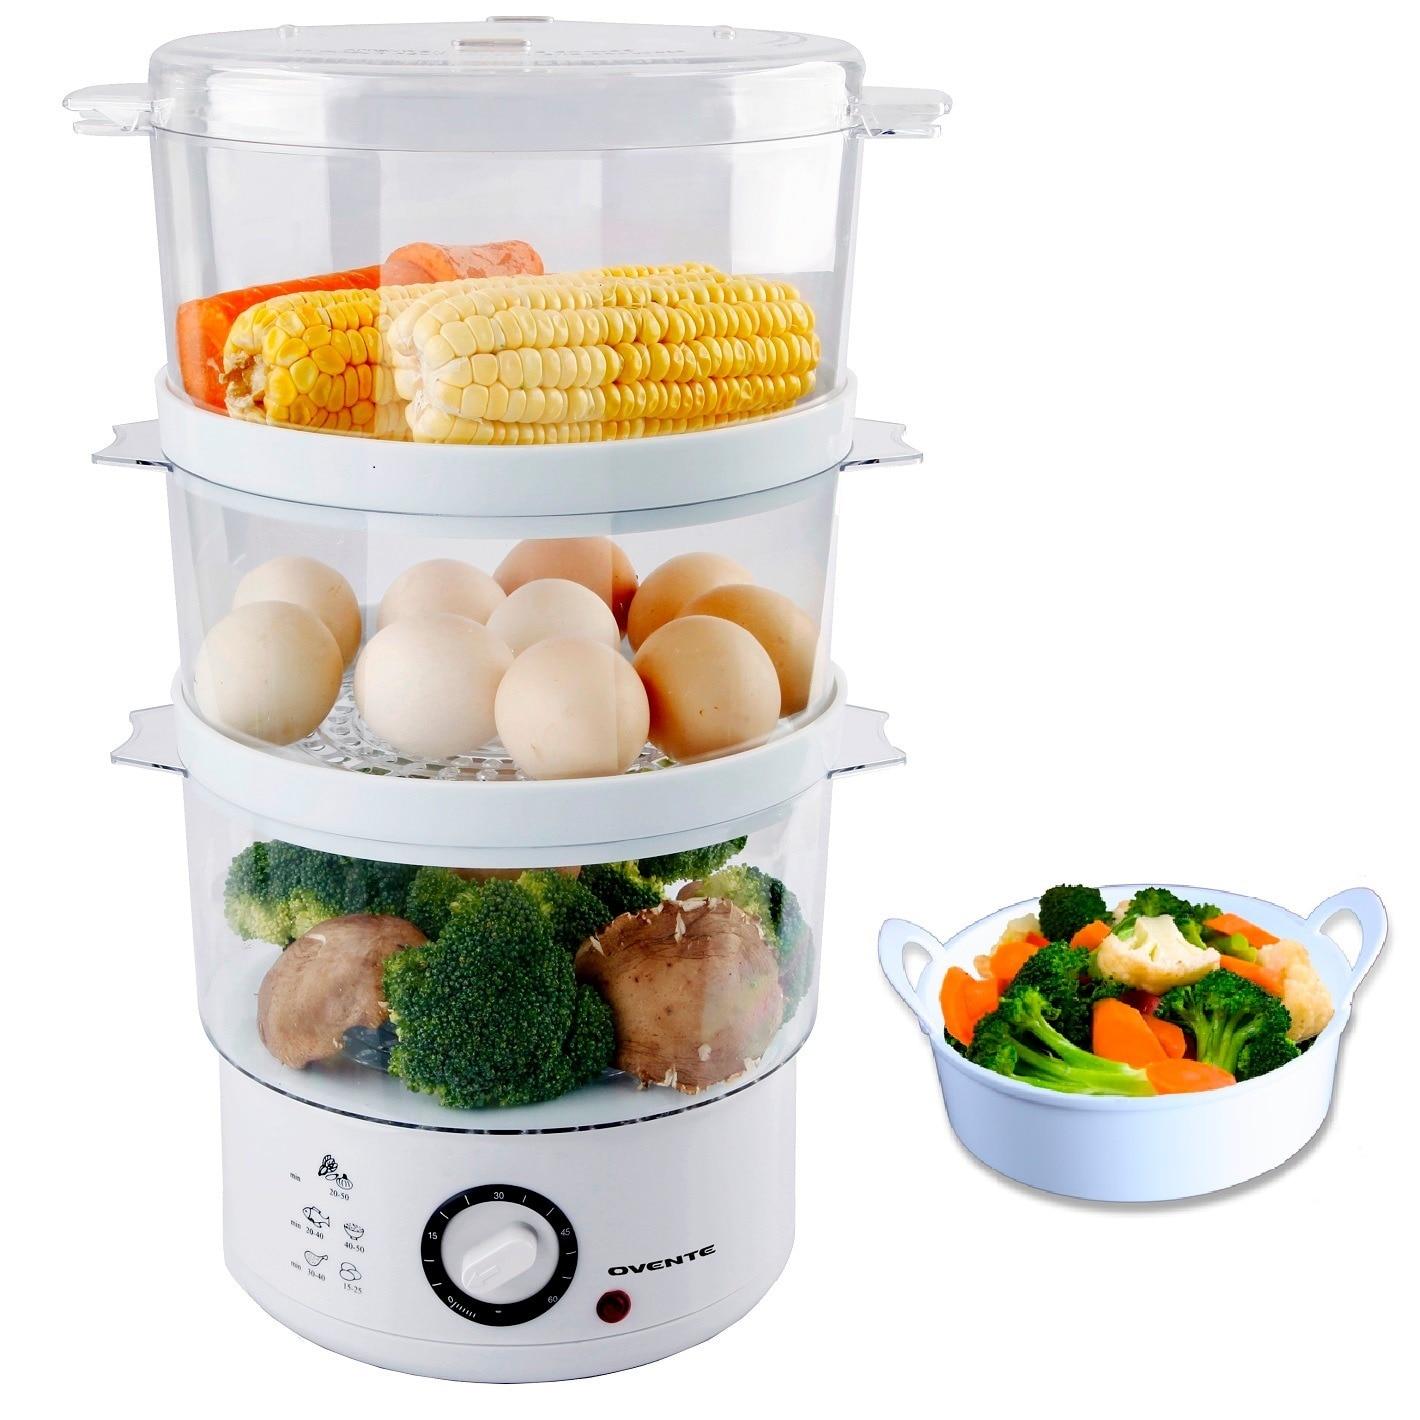 Ovente FS53W White 3-layer Electric Food Steamer (White) ...